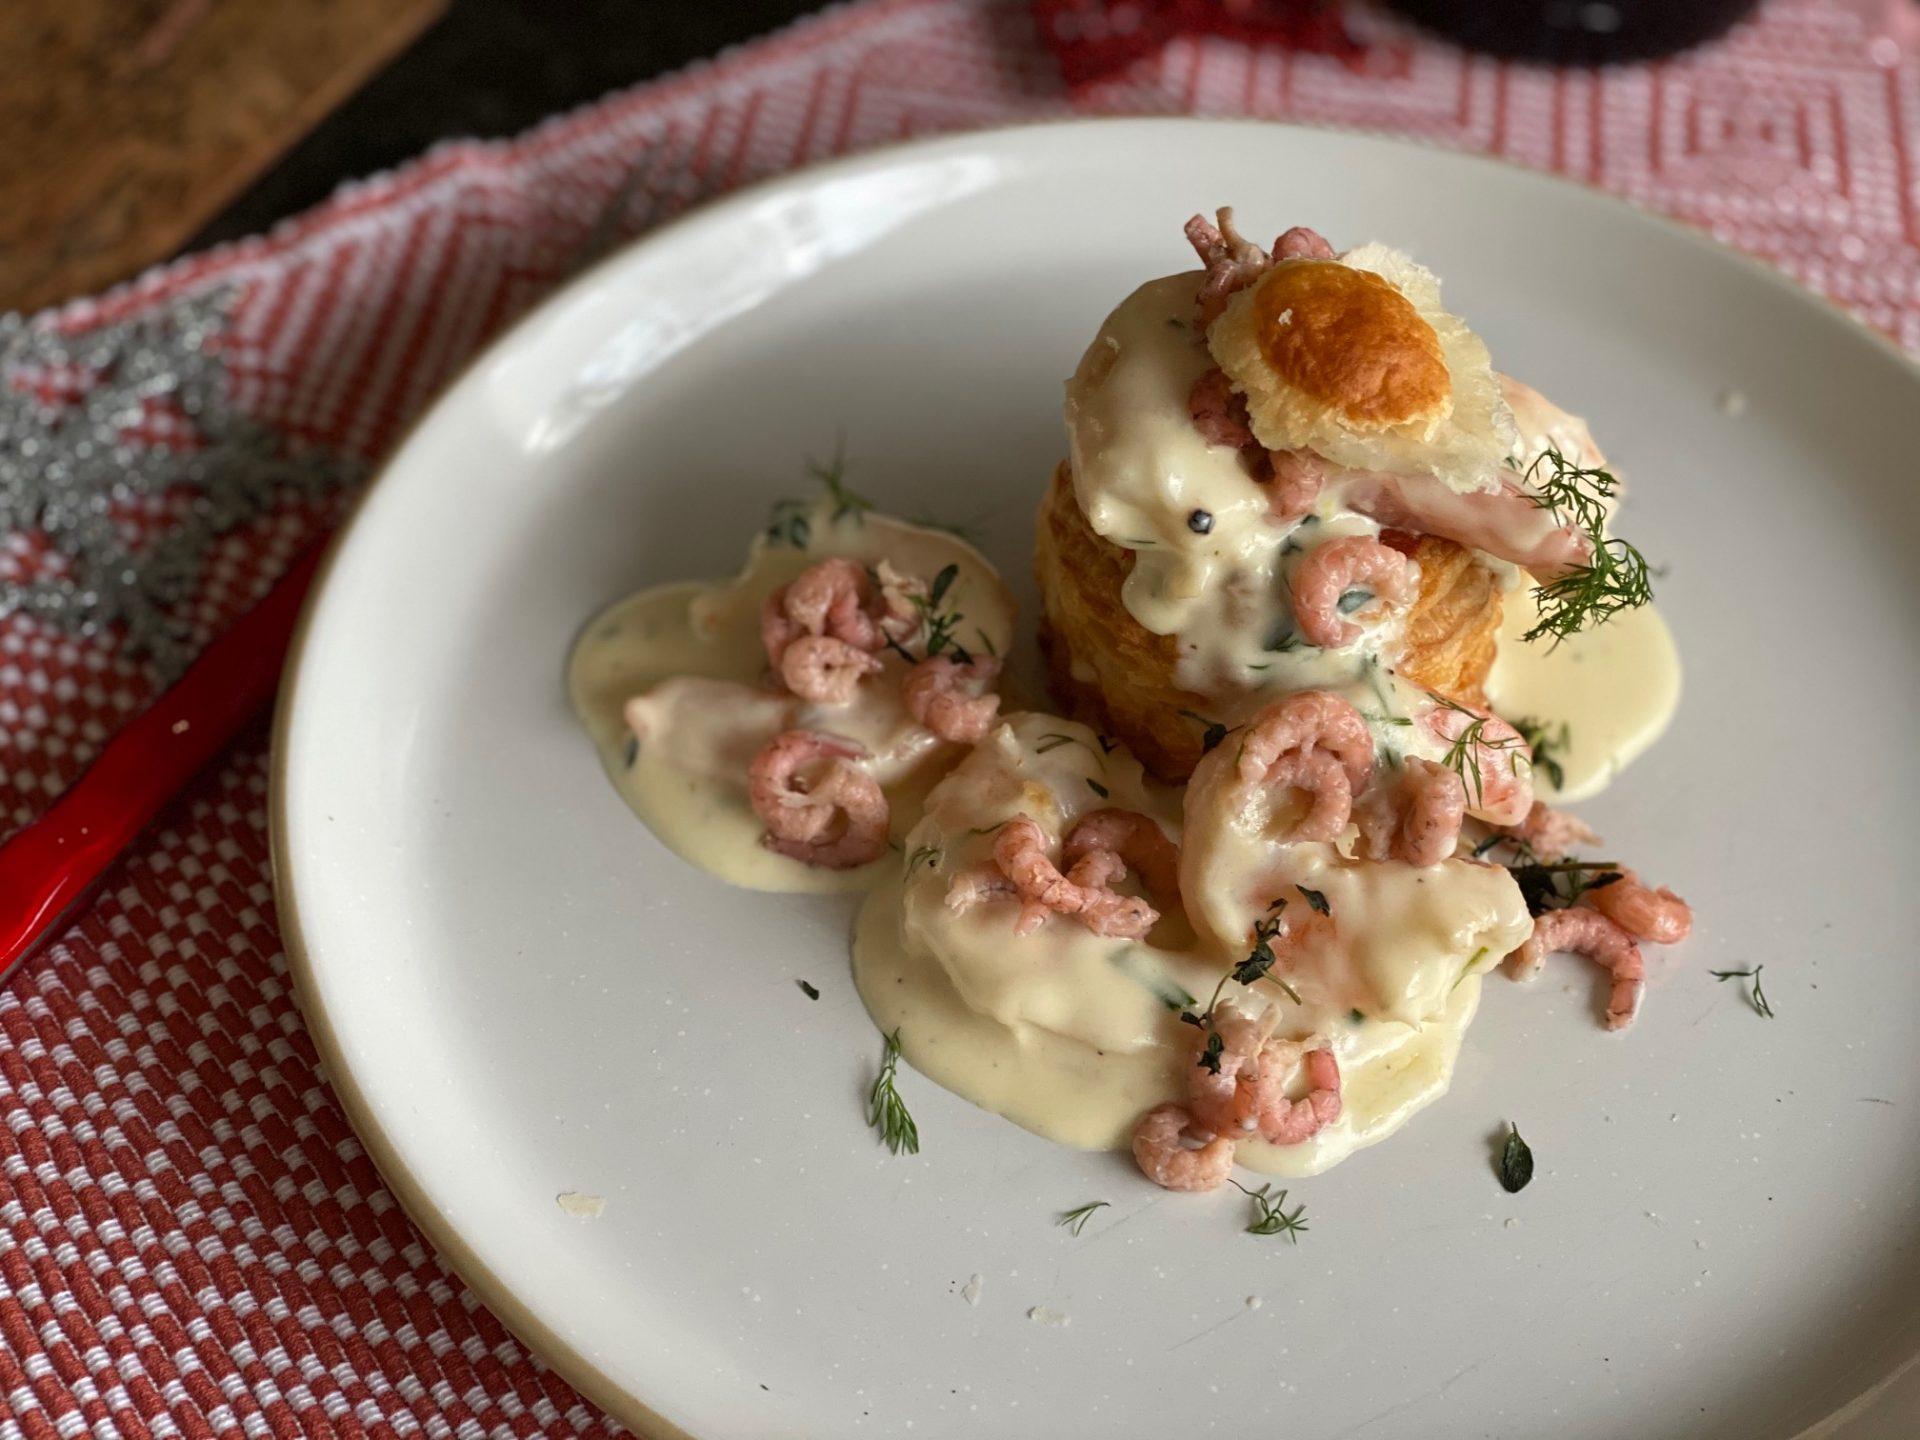 Ragout met gamba's en Hollandse garnalen in romige champagnesaus - Recept van Foodblog Foodinista